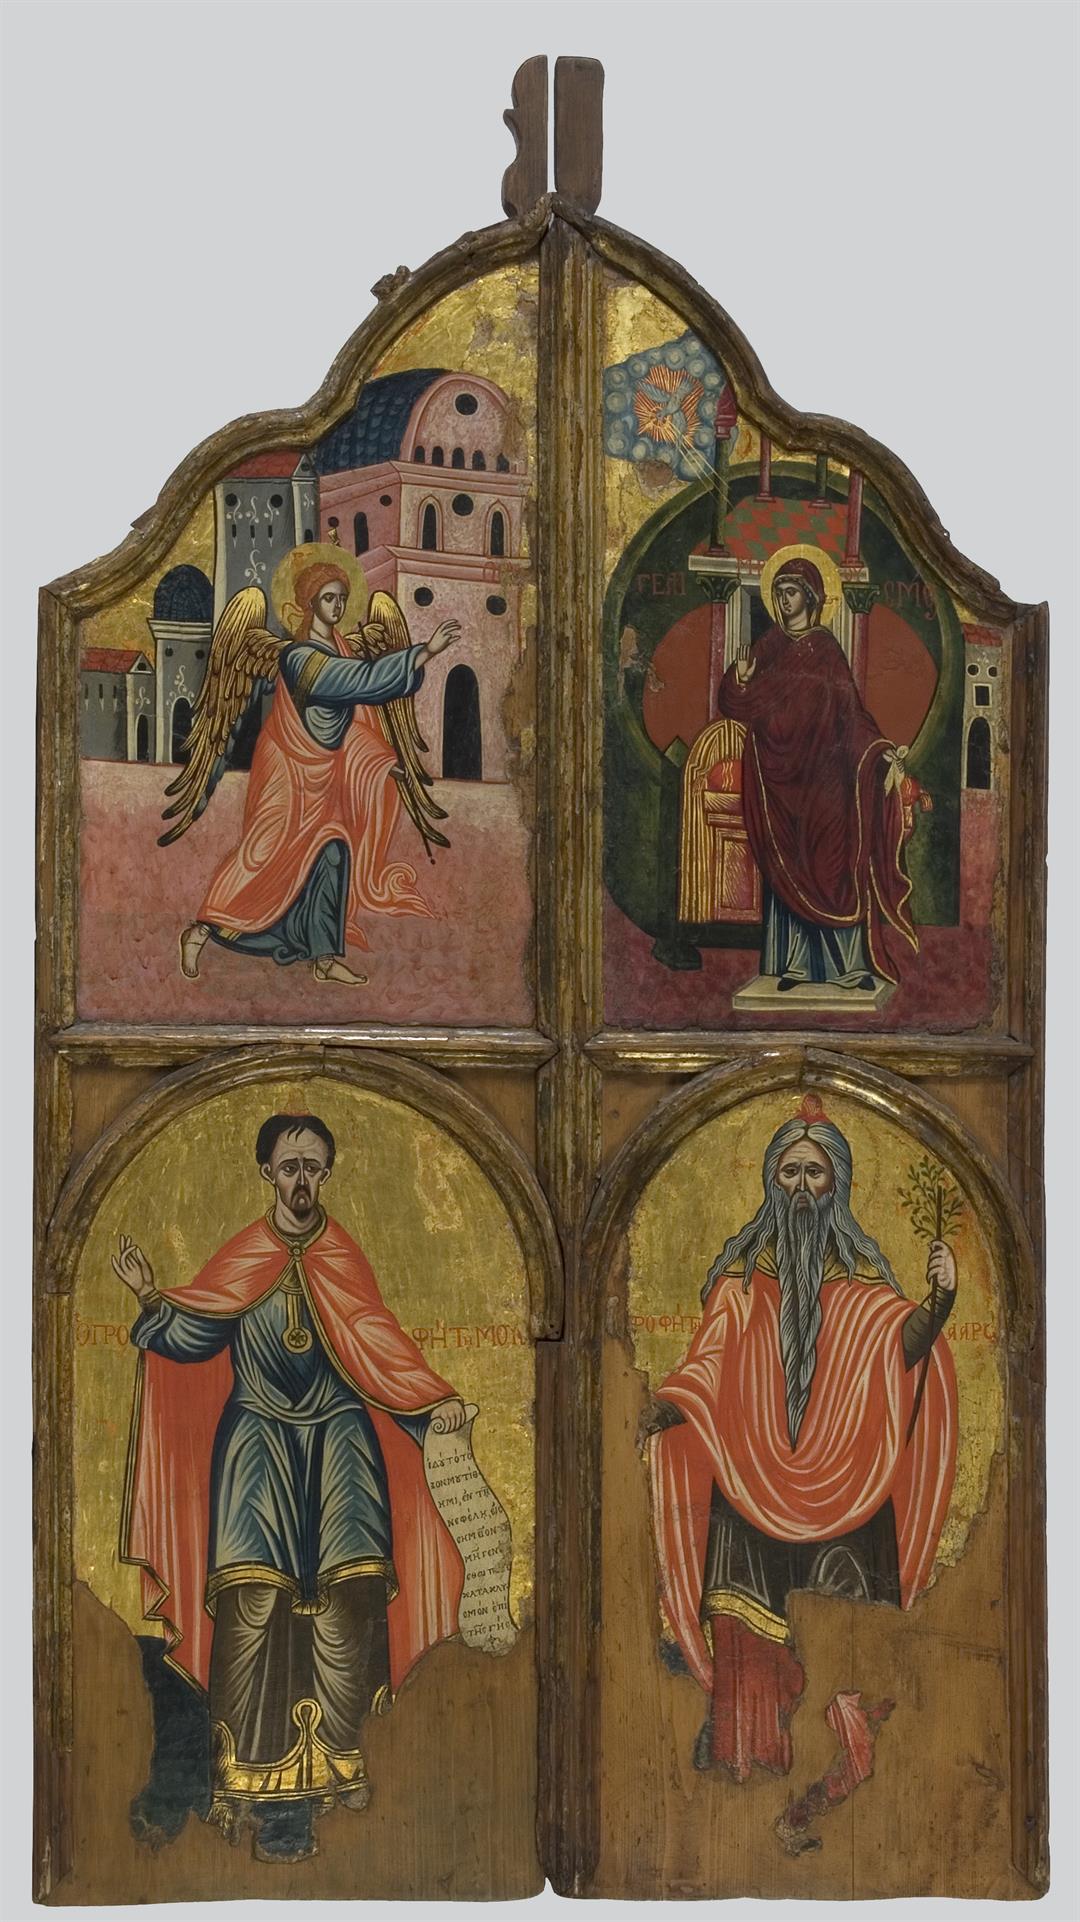 Βημόθυρα με παράσταση του Ευαγγελισμού της Θεοτόκου με τους προφήτες Μωυσή και Ααρών